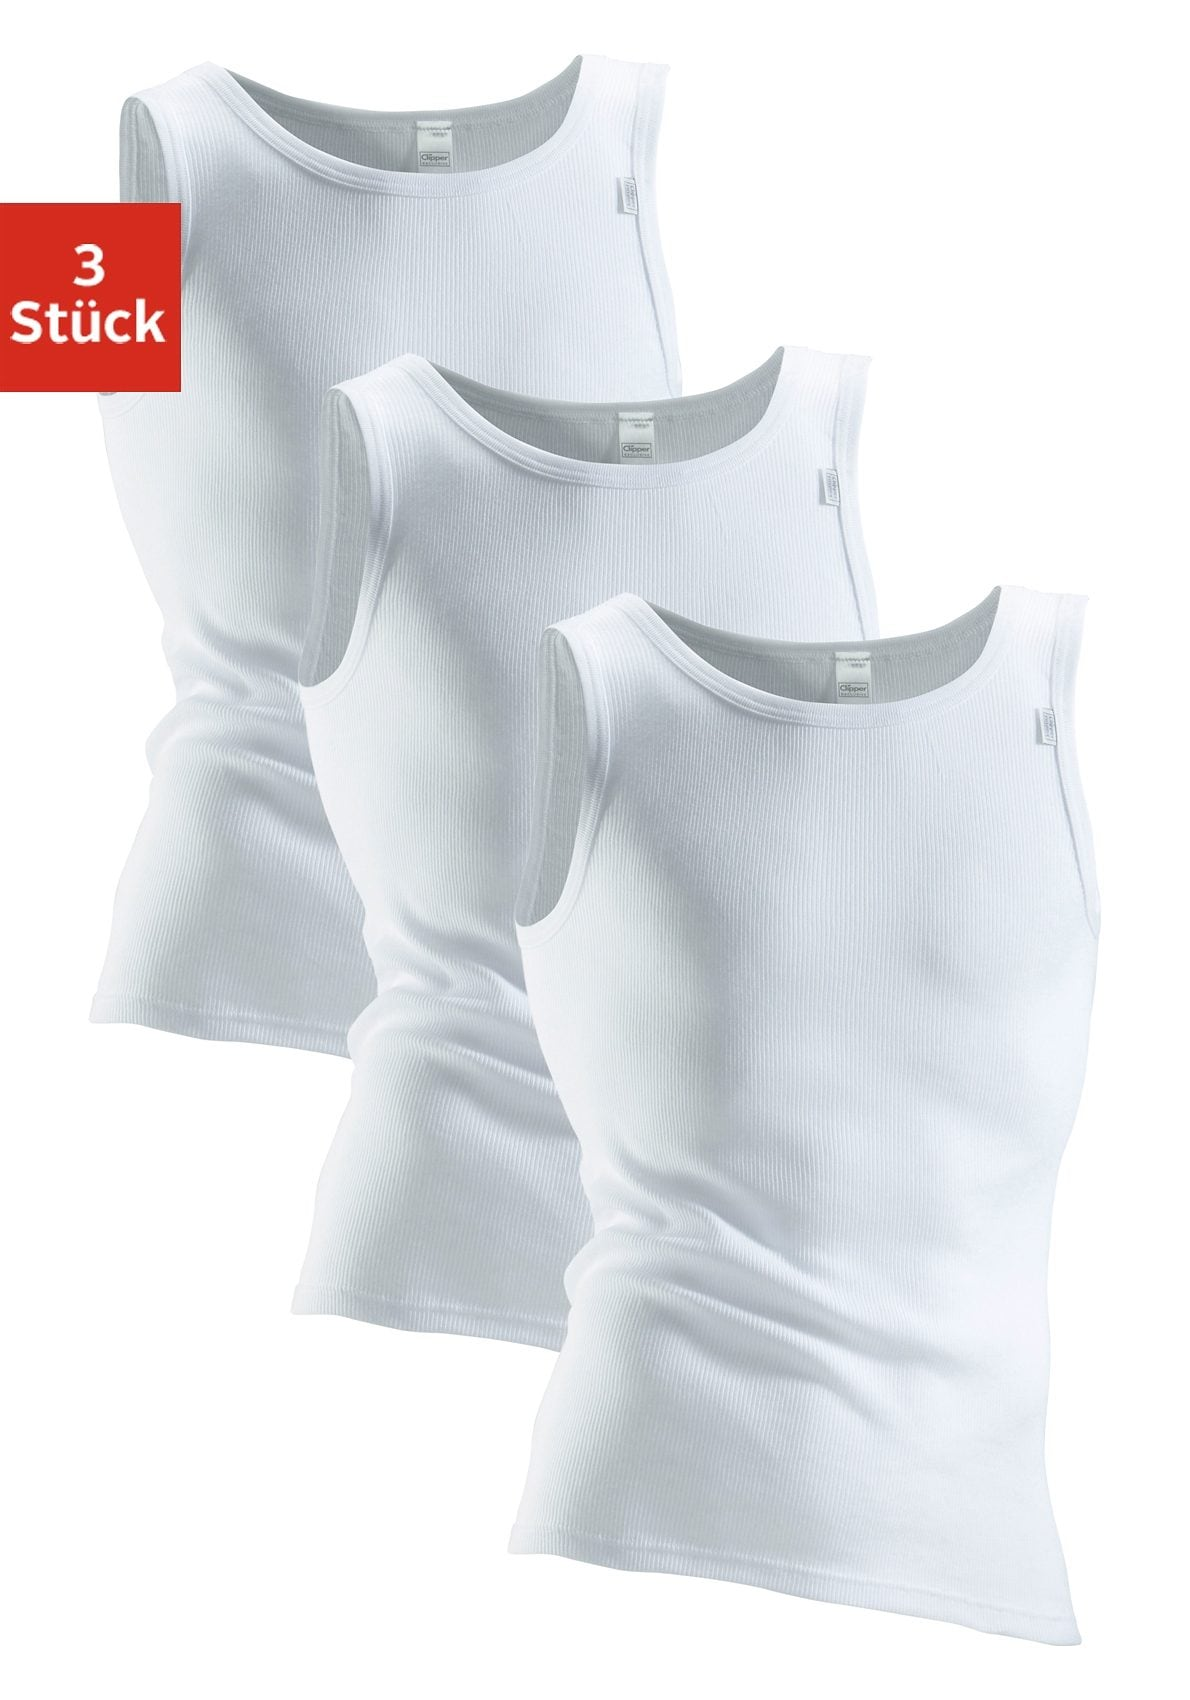 clipper exclusive - , Unterhemd in Doppel oder Feinripp Qualität (3 Stück), Mit Komfortschnitt, hinten etwas länger. Spürbar weich und glatt